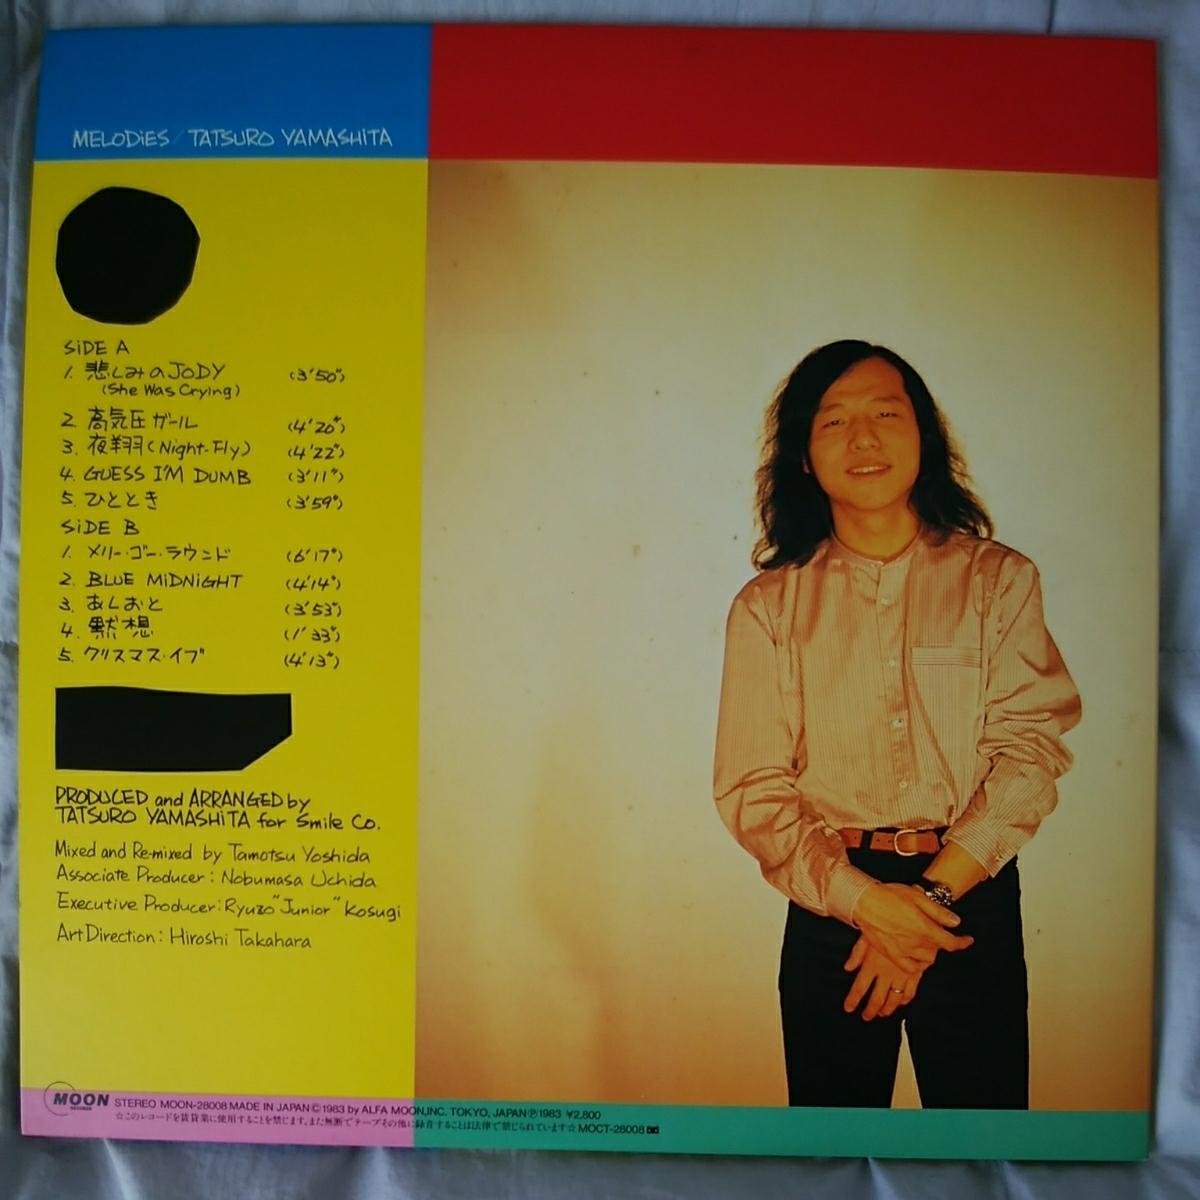 【2枚セット】山下達郎 ♪♪ FOR YOU / MELODIES LPレコード_画像8